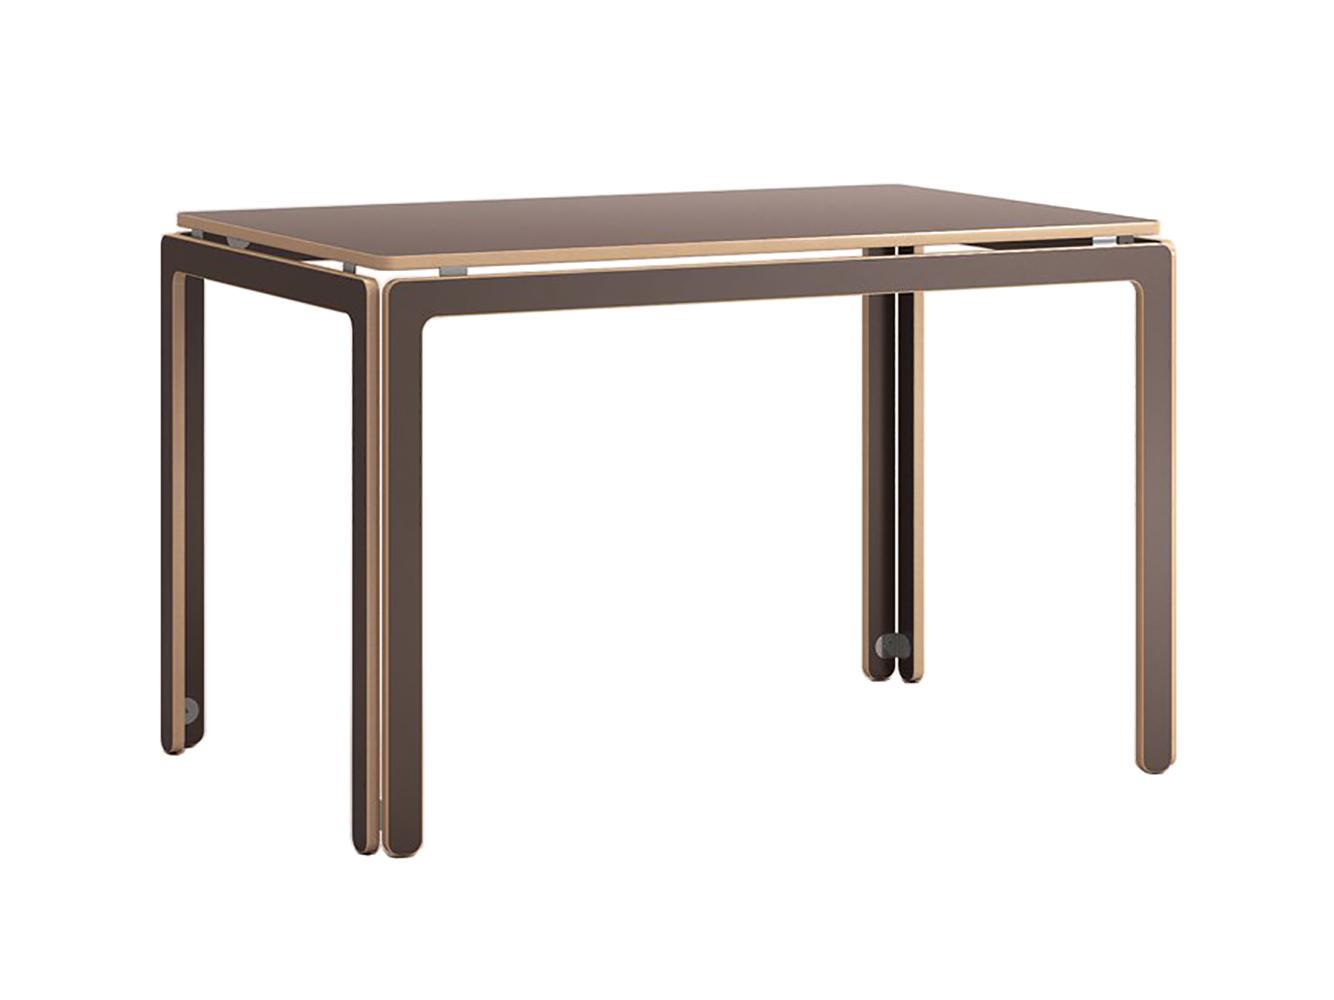 Стол FjordОбеденные столы<br>Яркий дизайн стола Fjord не оставит равнодушными тех, кому нравятся плавные органичные формы. Его модные закругления хорошо контрастируют с угловатой корпусной мебелью кухни, столовой или рабочей зоны. Не бойтесь заказать его в смелых оттенках – Fjord от этого только выиграет!&amp;lt;div&amp;gt;&amp;amp;nbsp;&amp;lt;/div&amp;gt;&amp;lt;div&amp;gt;Цветовая гамма включает 19 различных оттенков. Вы можете выбрать один или скомбинировать несколько цветов.  Детали уточняйте у менеджеров клиентской службы.&amp;amp;nbsp;&amp;lt;br&amp;gt;&amp;lt;/div&amp;gt;<br><br>Material: Фанера<br>Ширина см: 122<br>Высота см: 75<br>Глубина см: 79